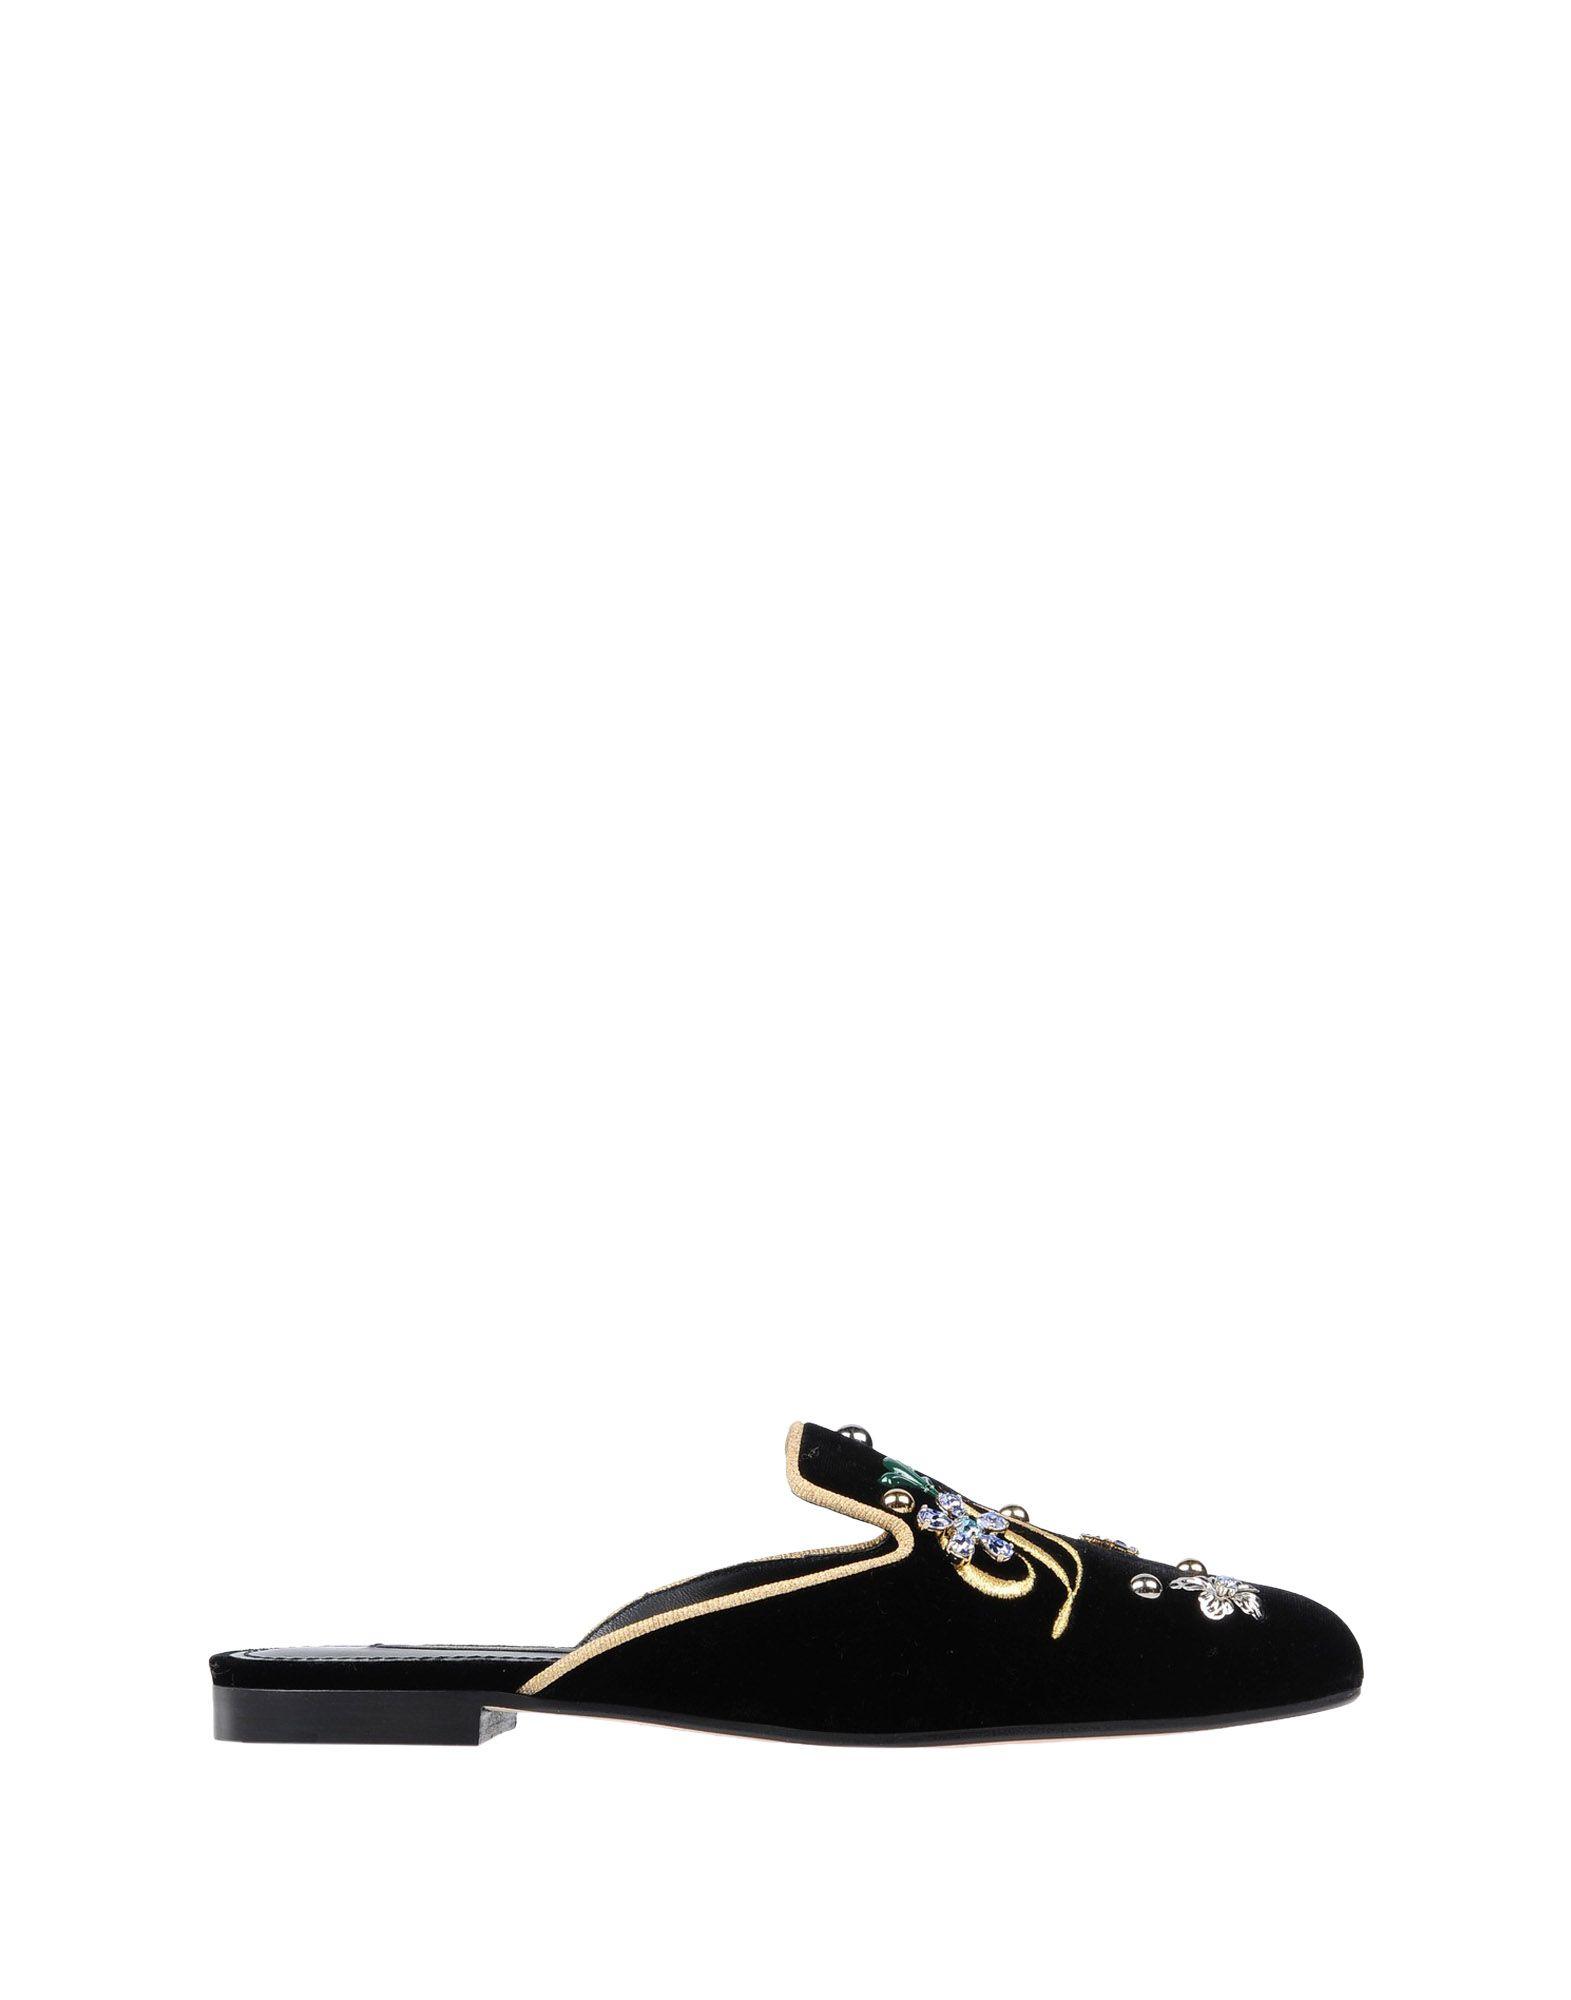 Dolce & Gabbana 11521883SL Pantoletten Damen  11521883SL Gabbana Neue Schuhe 804c21